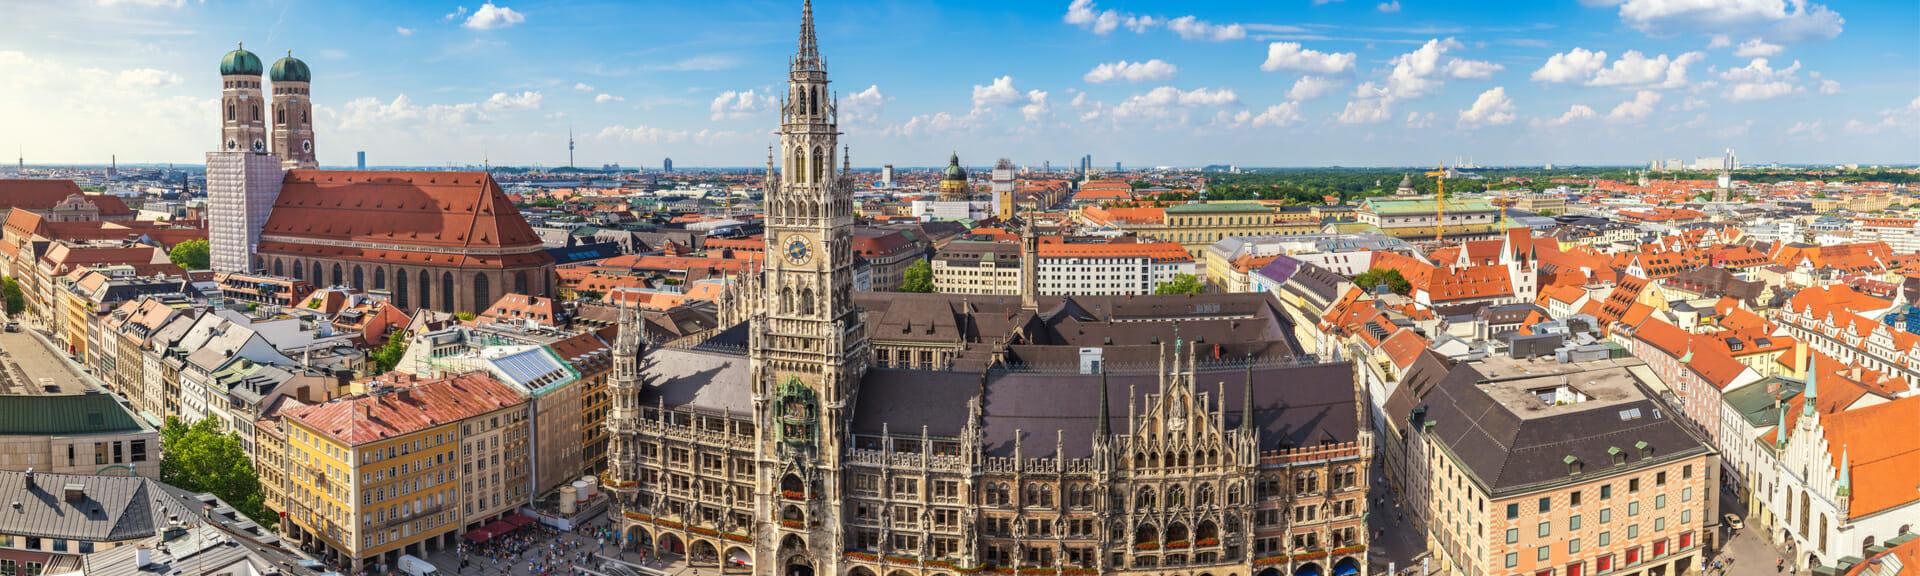 Klassenfahrt München Stadtansicht